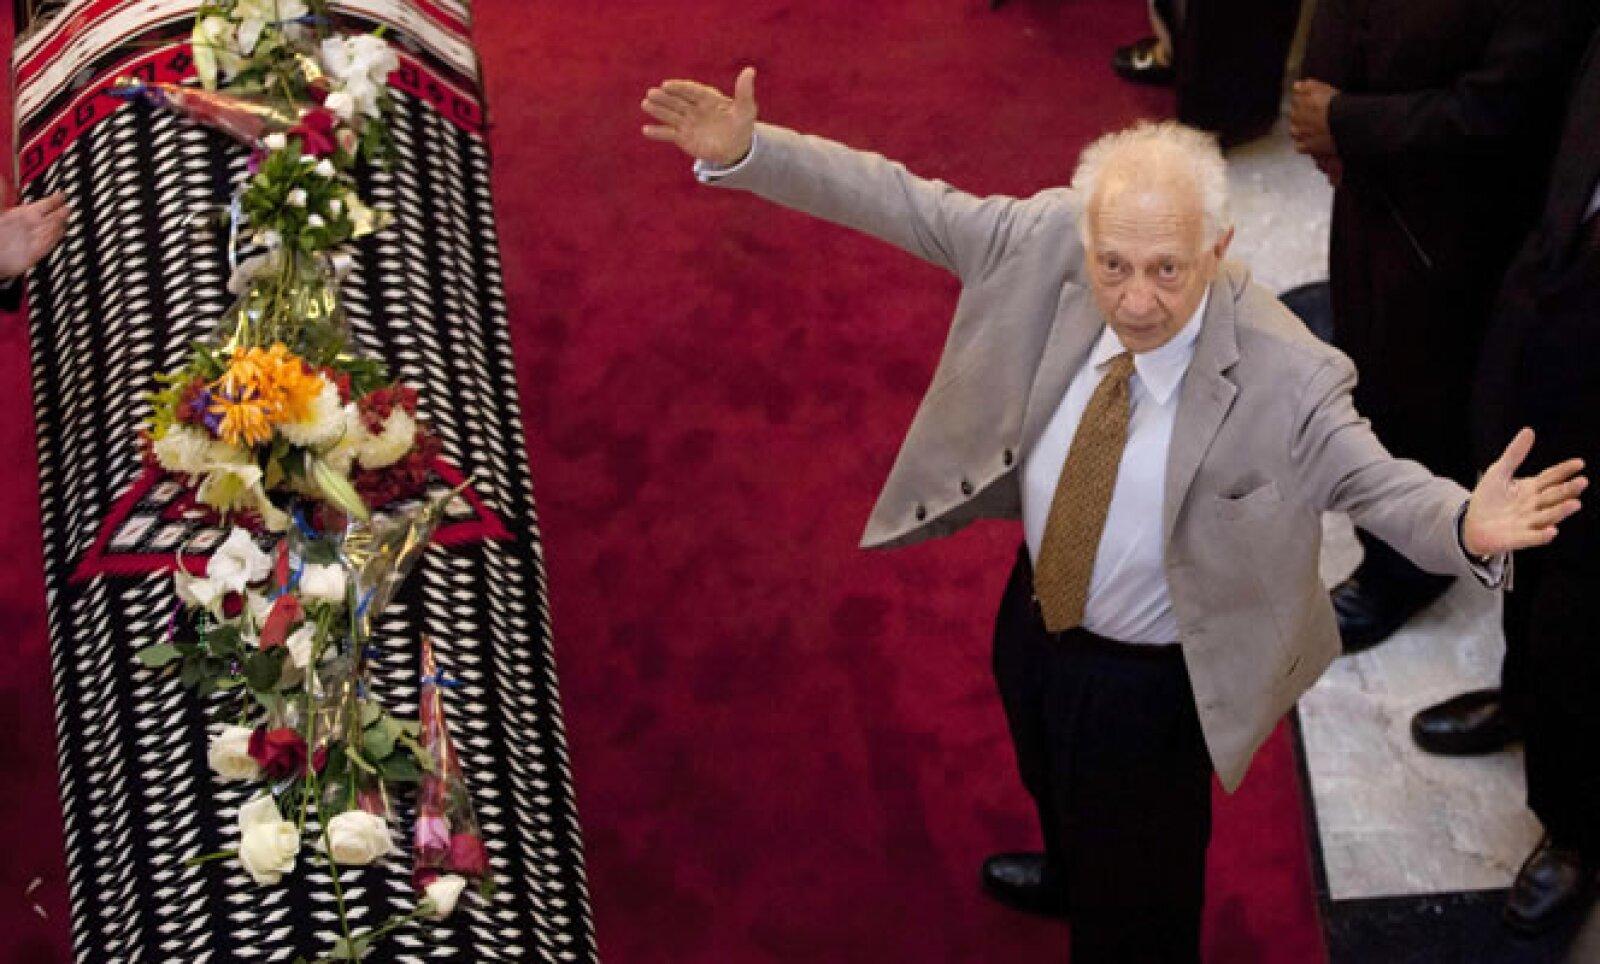 El escritor, Sergio Pitol, acudió a Bellas Artes para dar el último adiós a la legendaria artista que nació en Costa Rica.